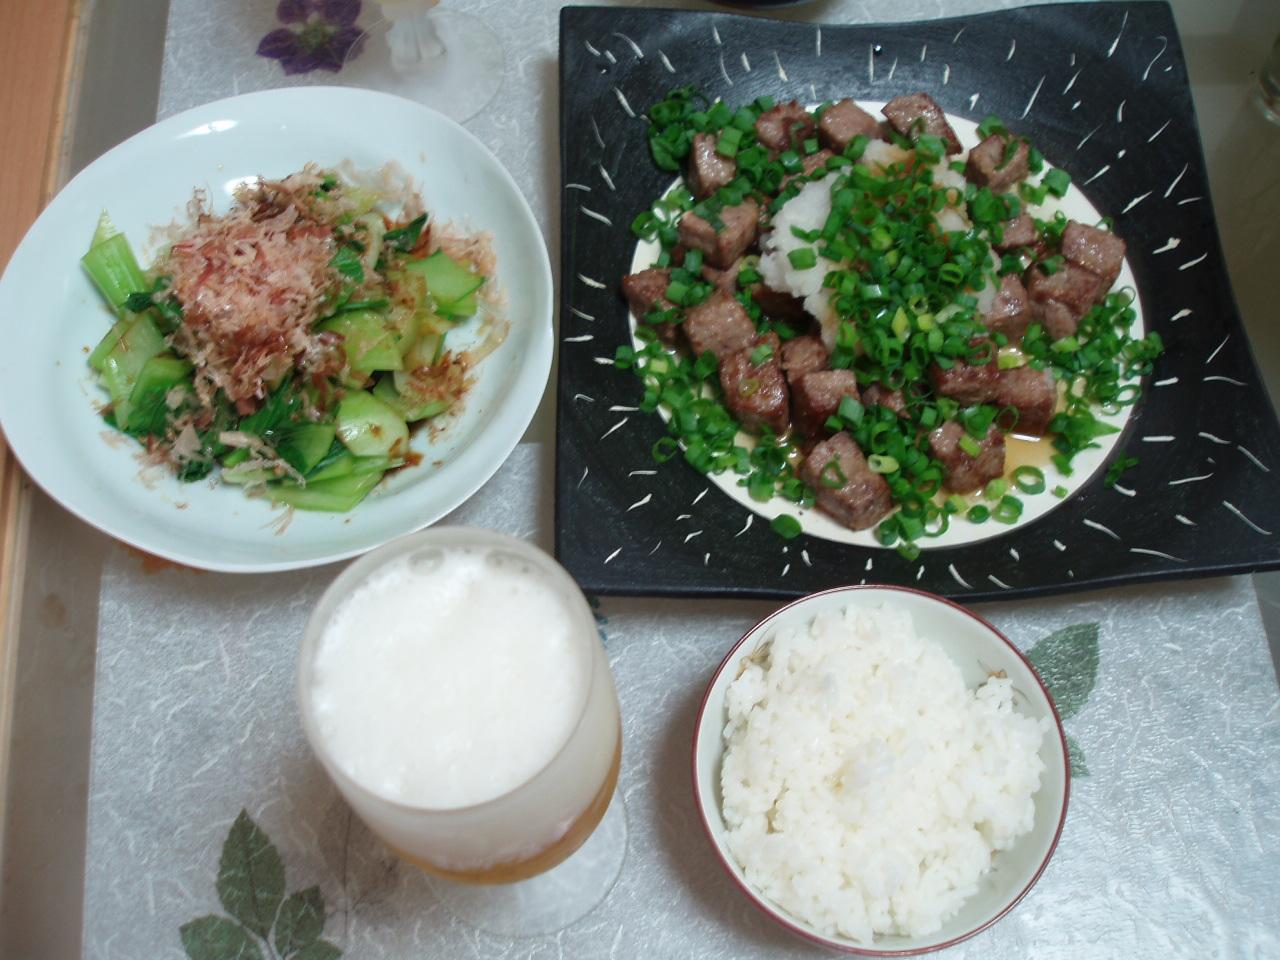 久しぶりに食事を作りました♪「特製コロコロステーキ」です♪_b0137453_11323629.jpg